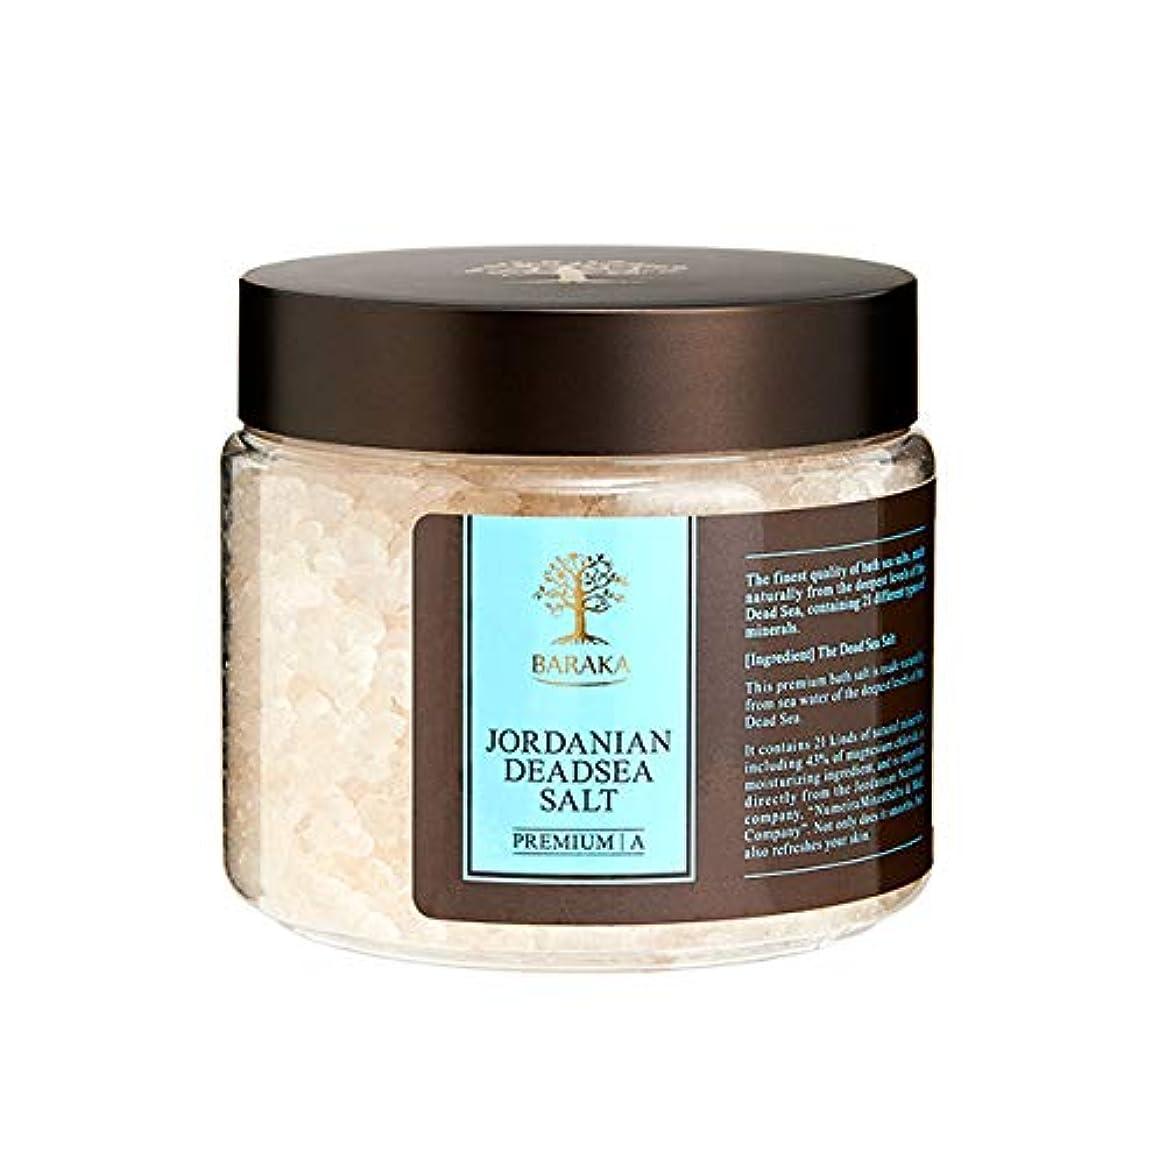 策定するあらゆる種類の蜜BARAKA(バラカ) ジョルダニアン デッドシー ソルト 500g バスソルト 入浴剤 ヨルダン産死海塩100%